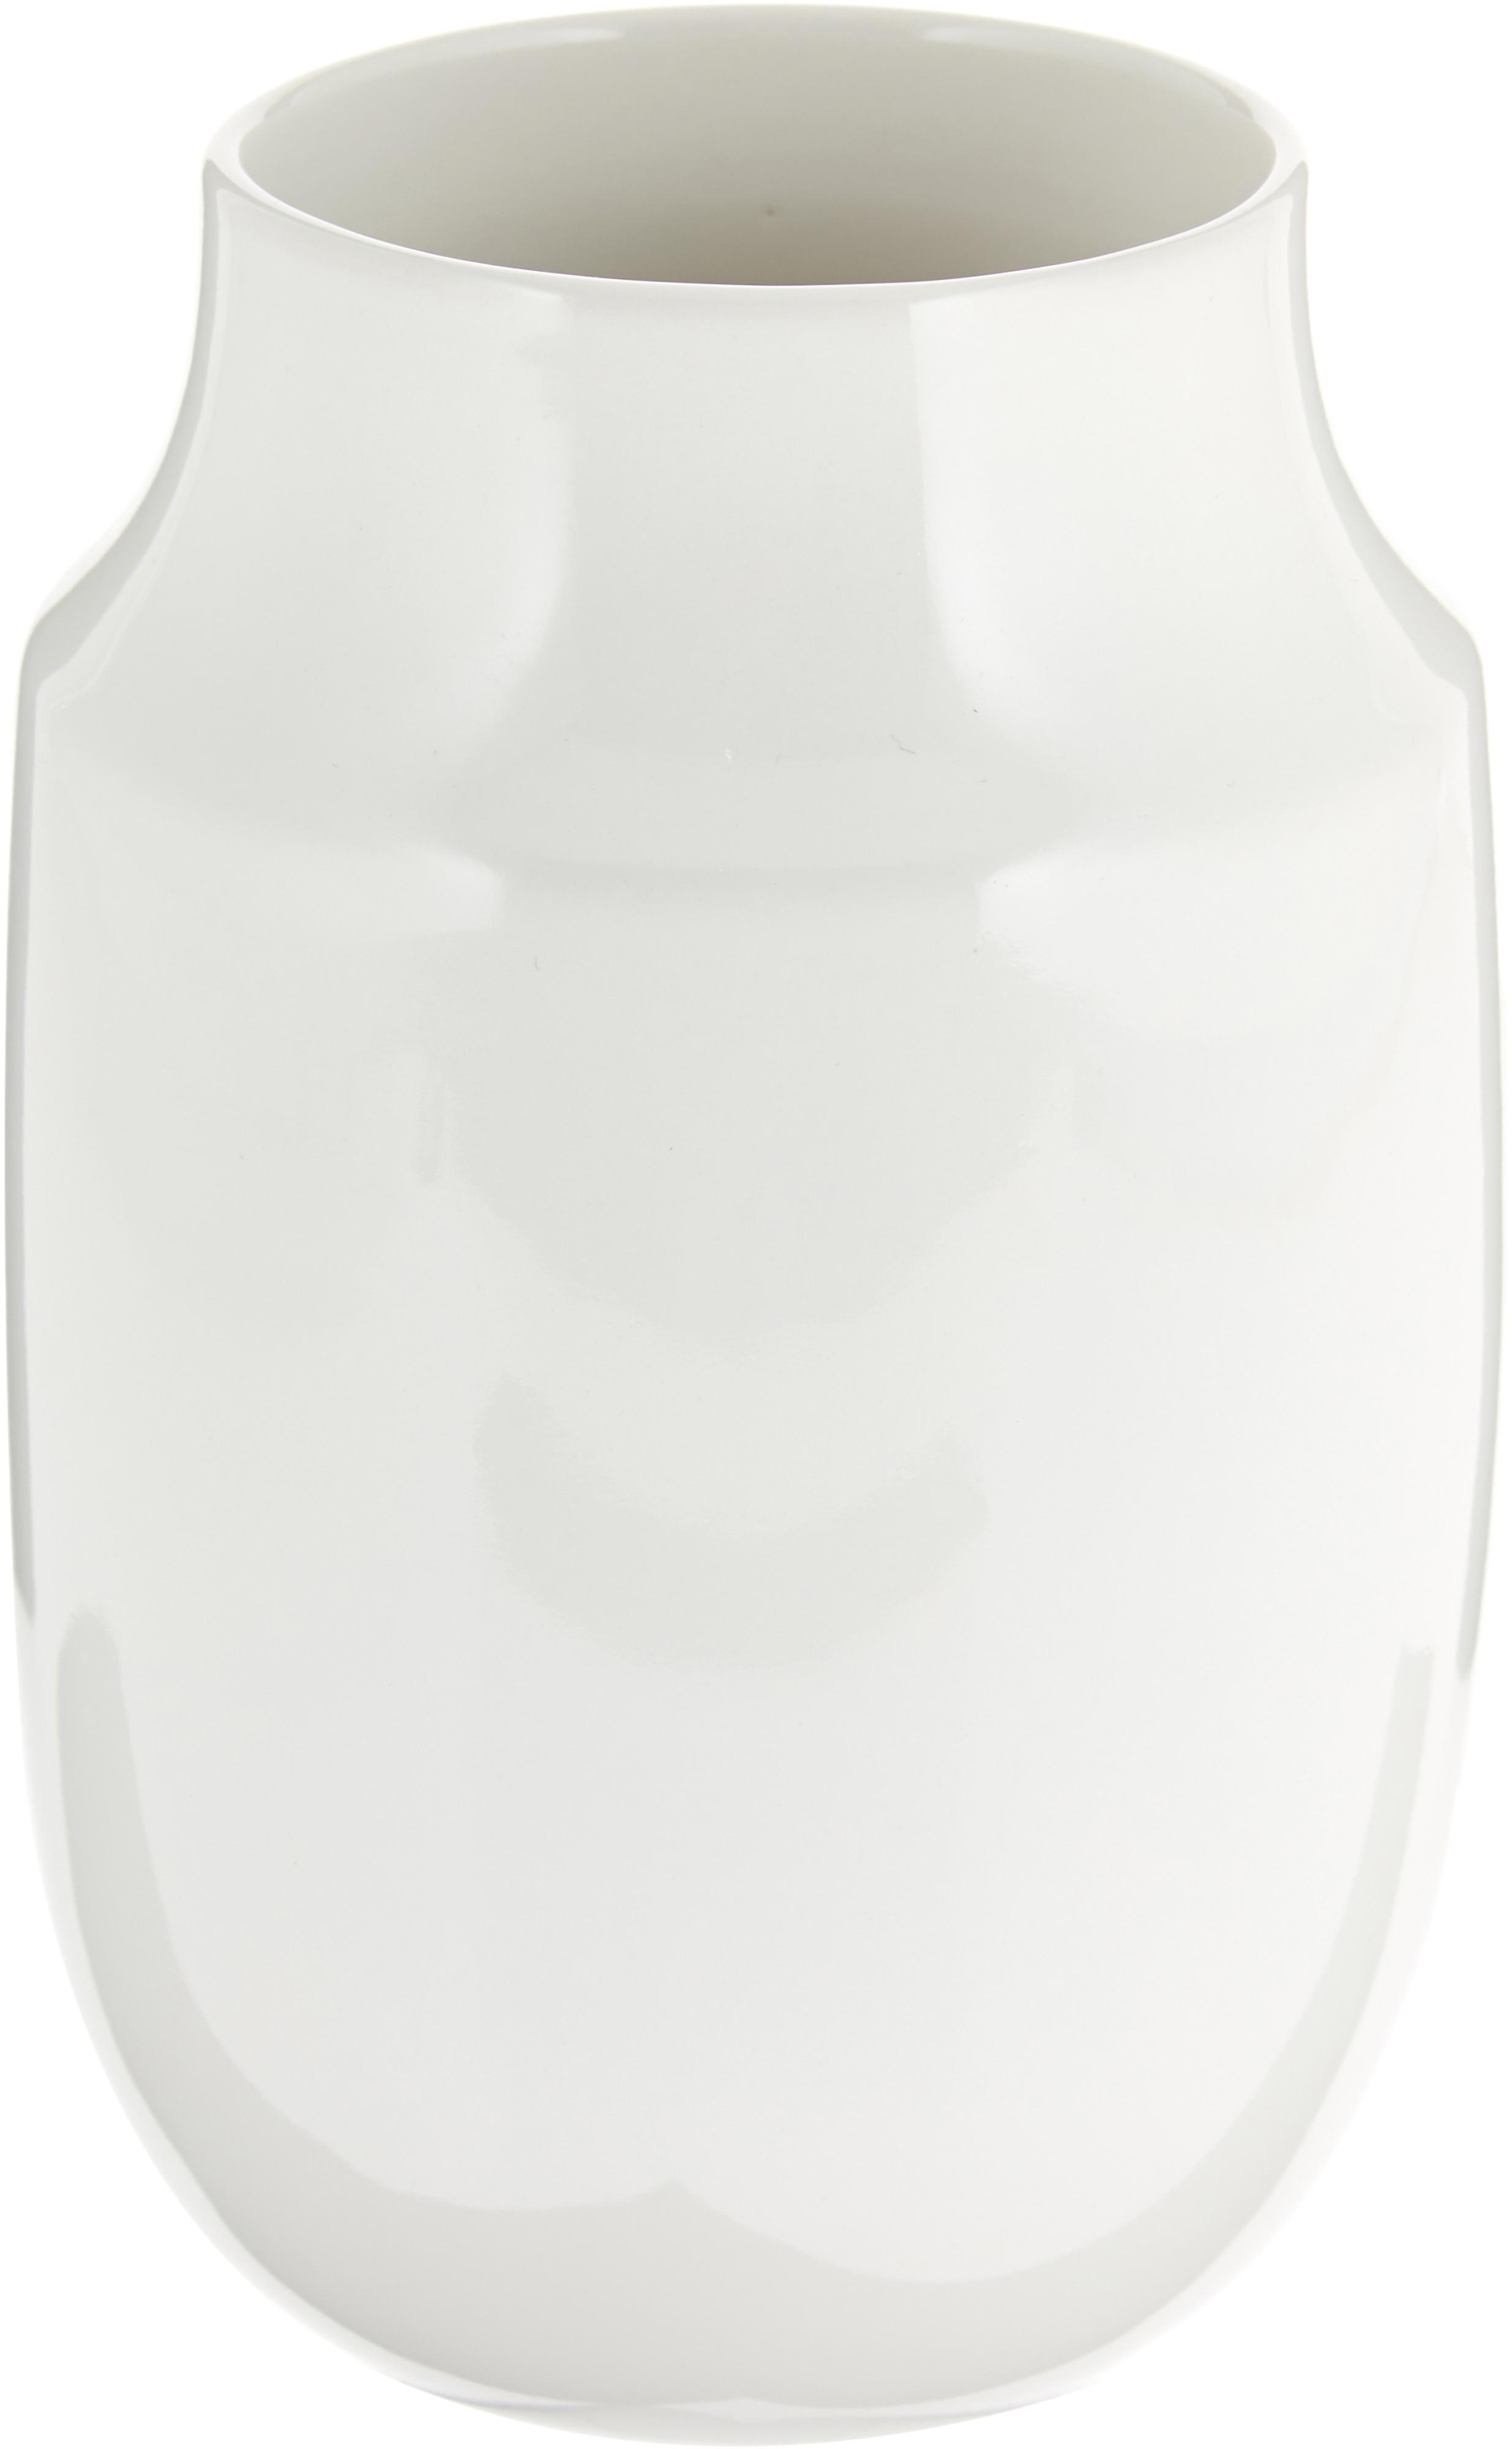 Handgemachte Vase Valeria, Keramik, Weiß, glänzend, ∅ 13 x H 20 cm